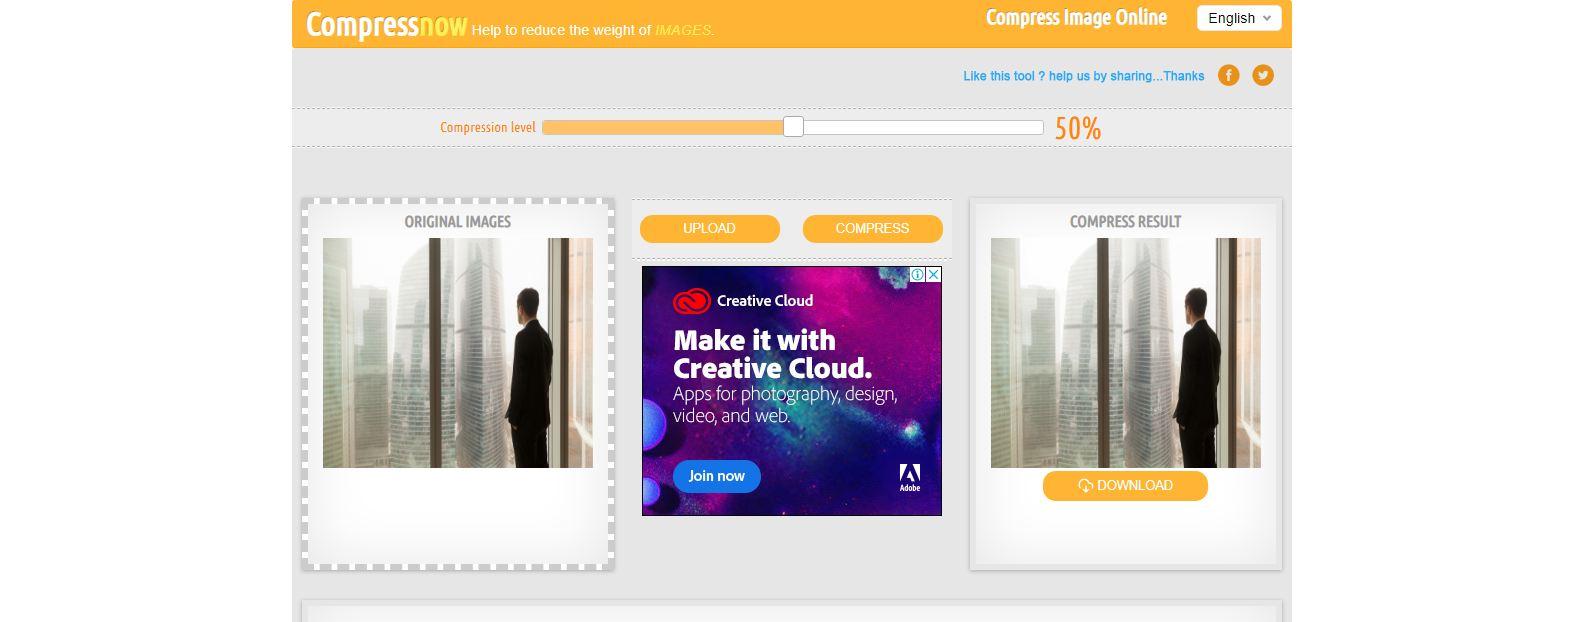 Compressnow image compression tools